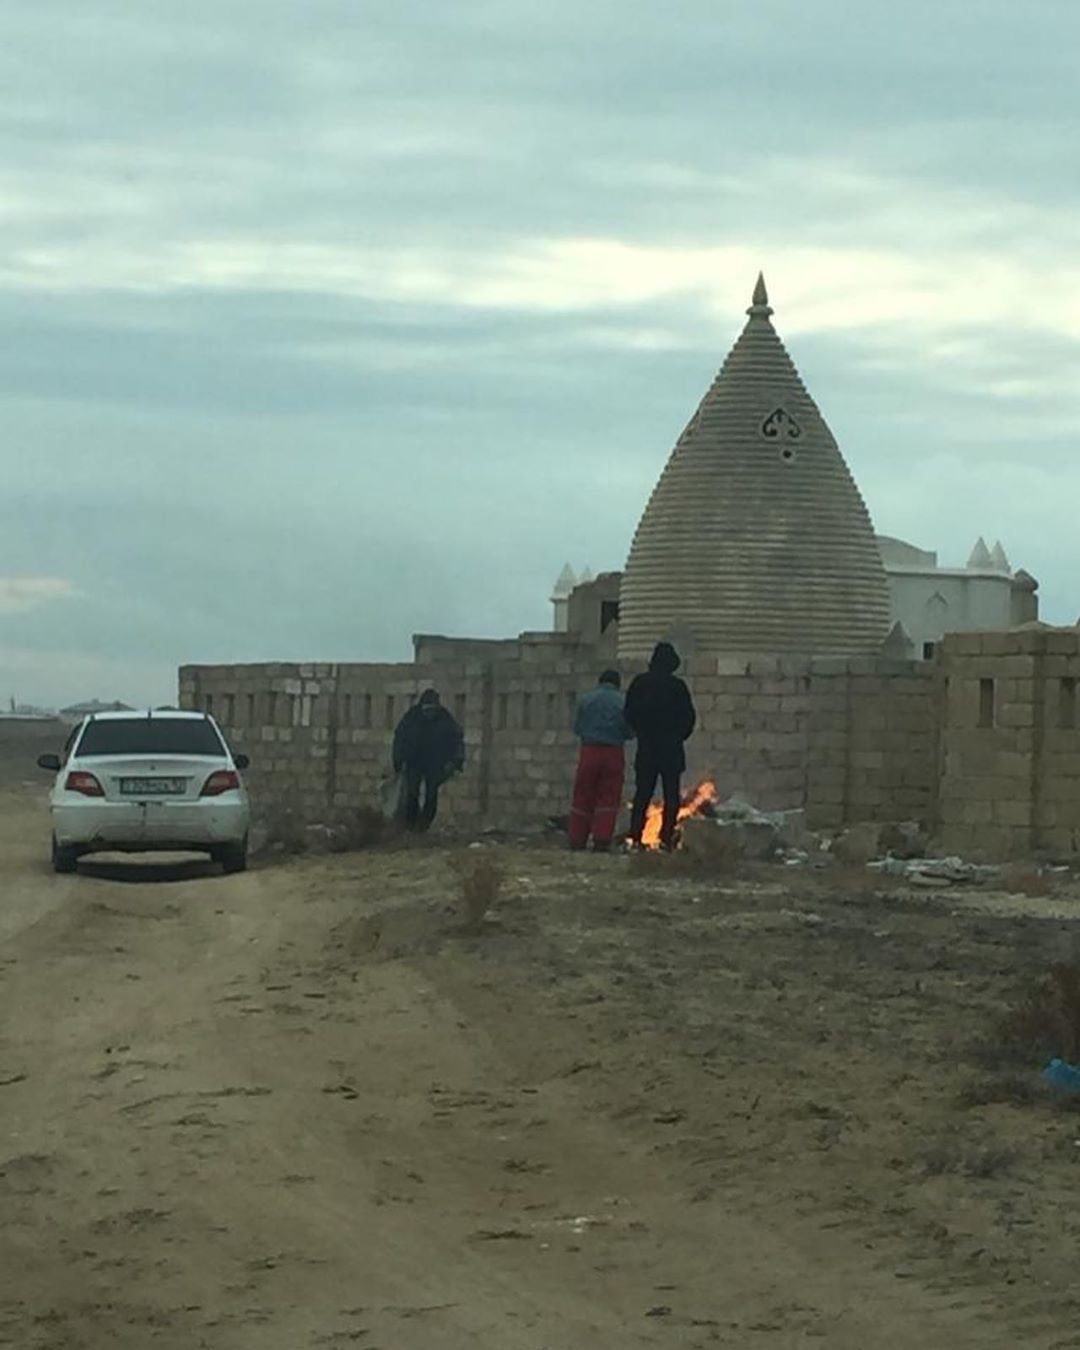 Аким Акшукура с волонтерами убрали мусульманское кладбище после жалобы жительницы, фото-3